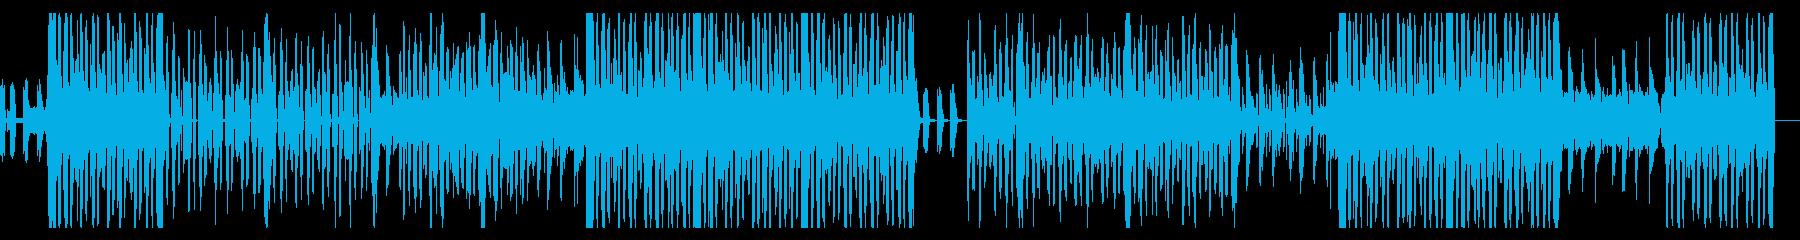 トロピカルおしゃれR&B〜ポップインストの再生済みの波形